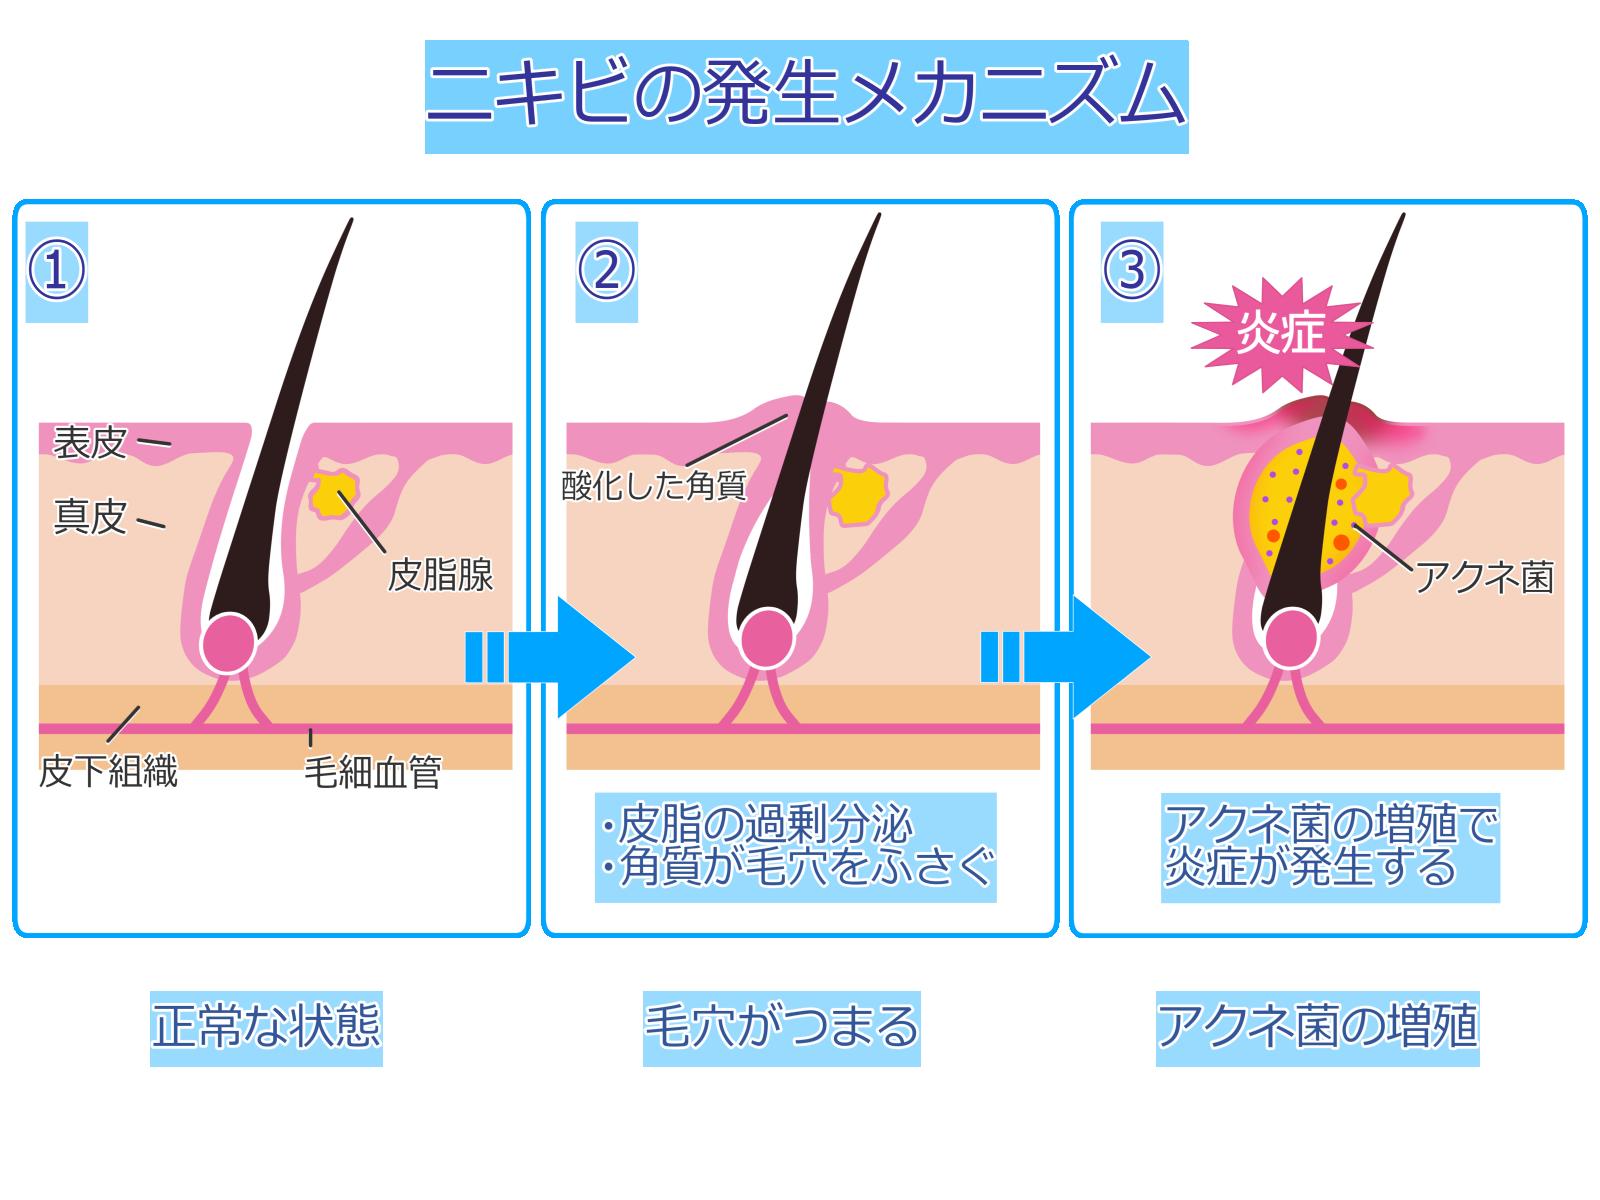 ニキビ 原因 発生メカニズム 皮脂 アクネ菌 毛穴